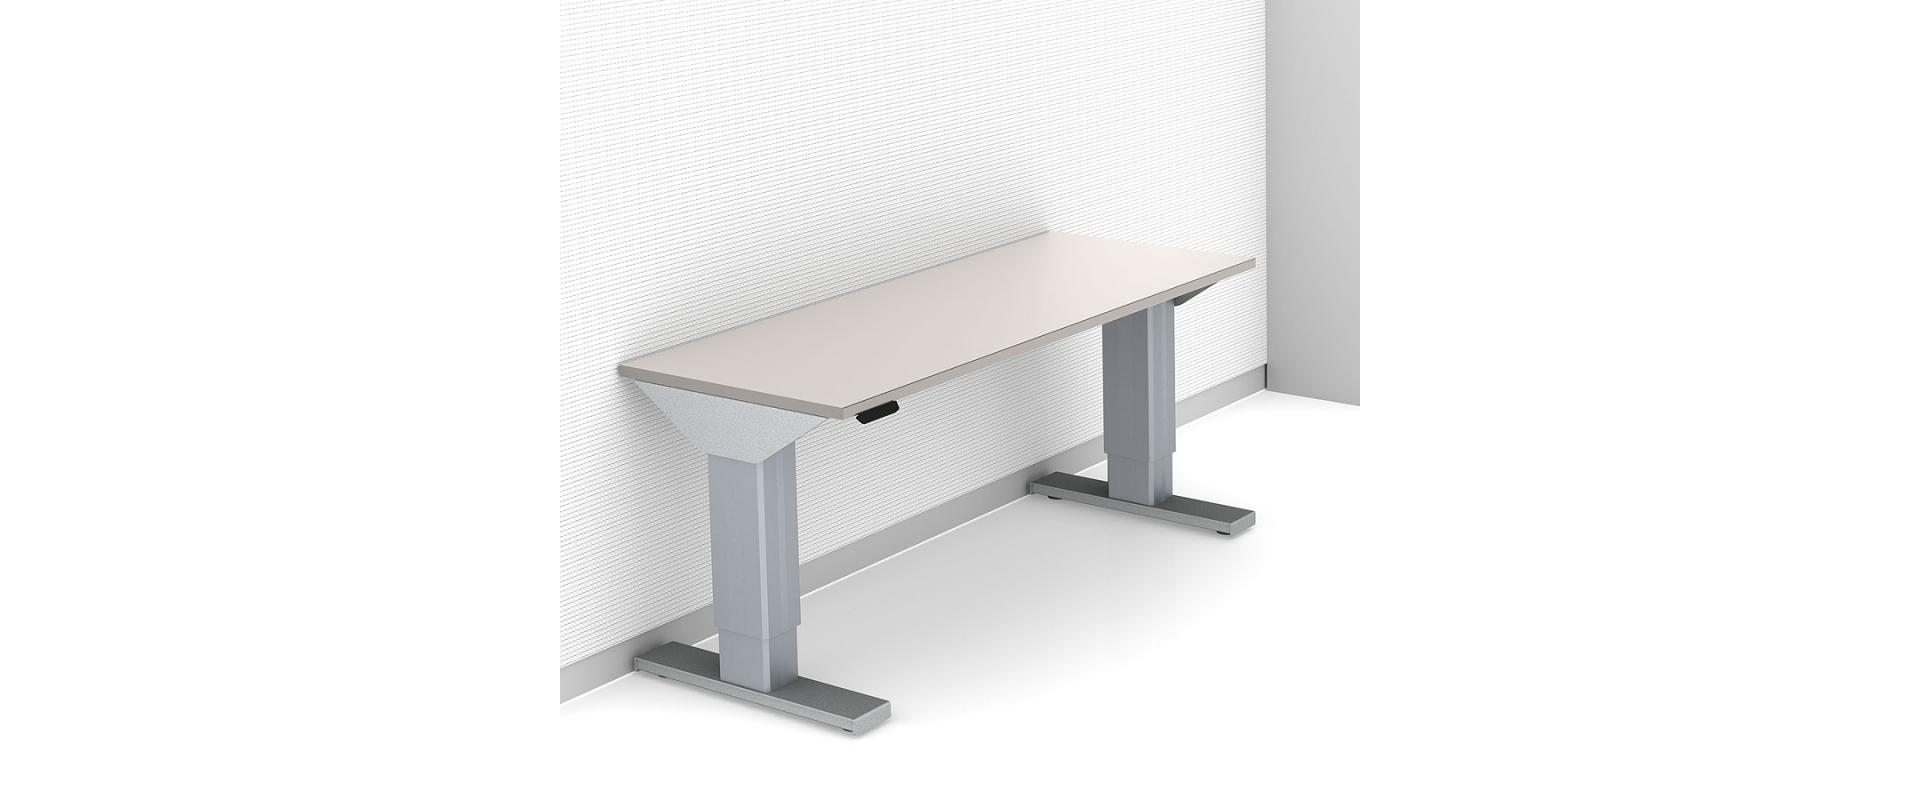 Elektriskt höj- och sänkbara arbetsbord